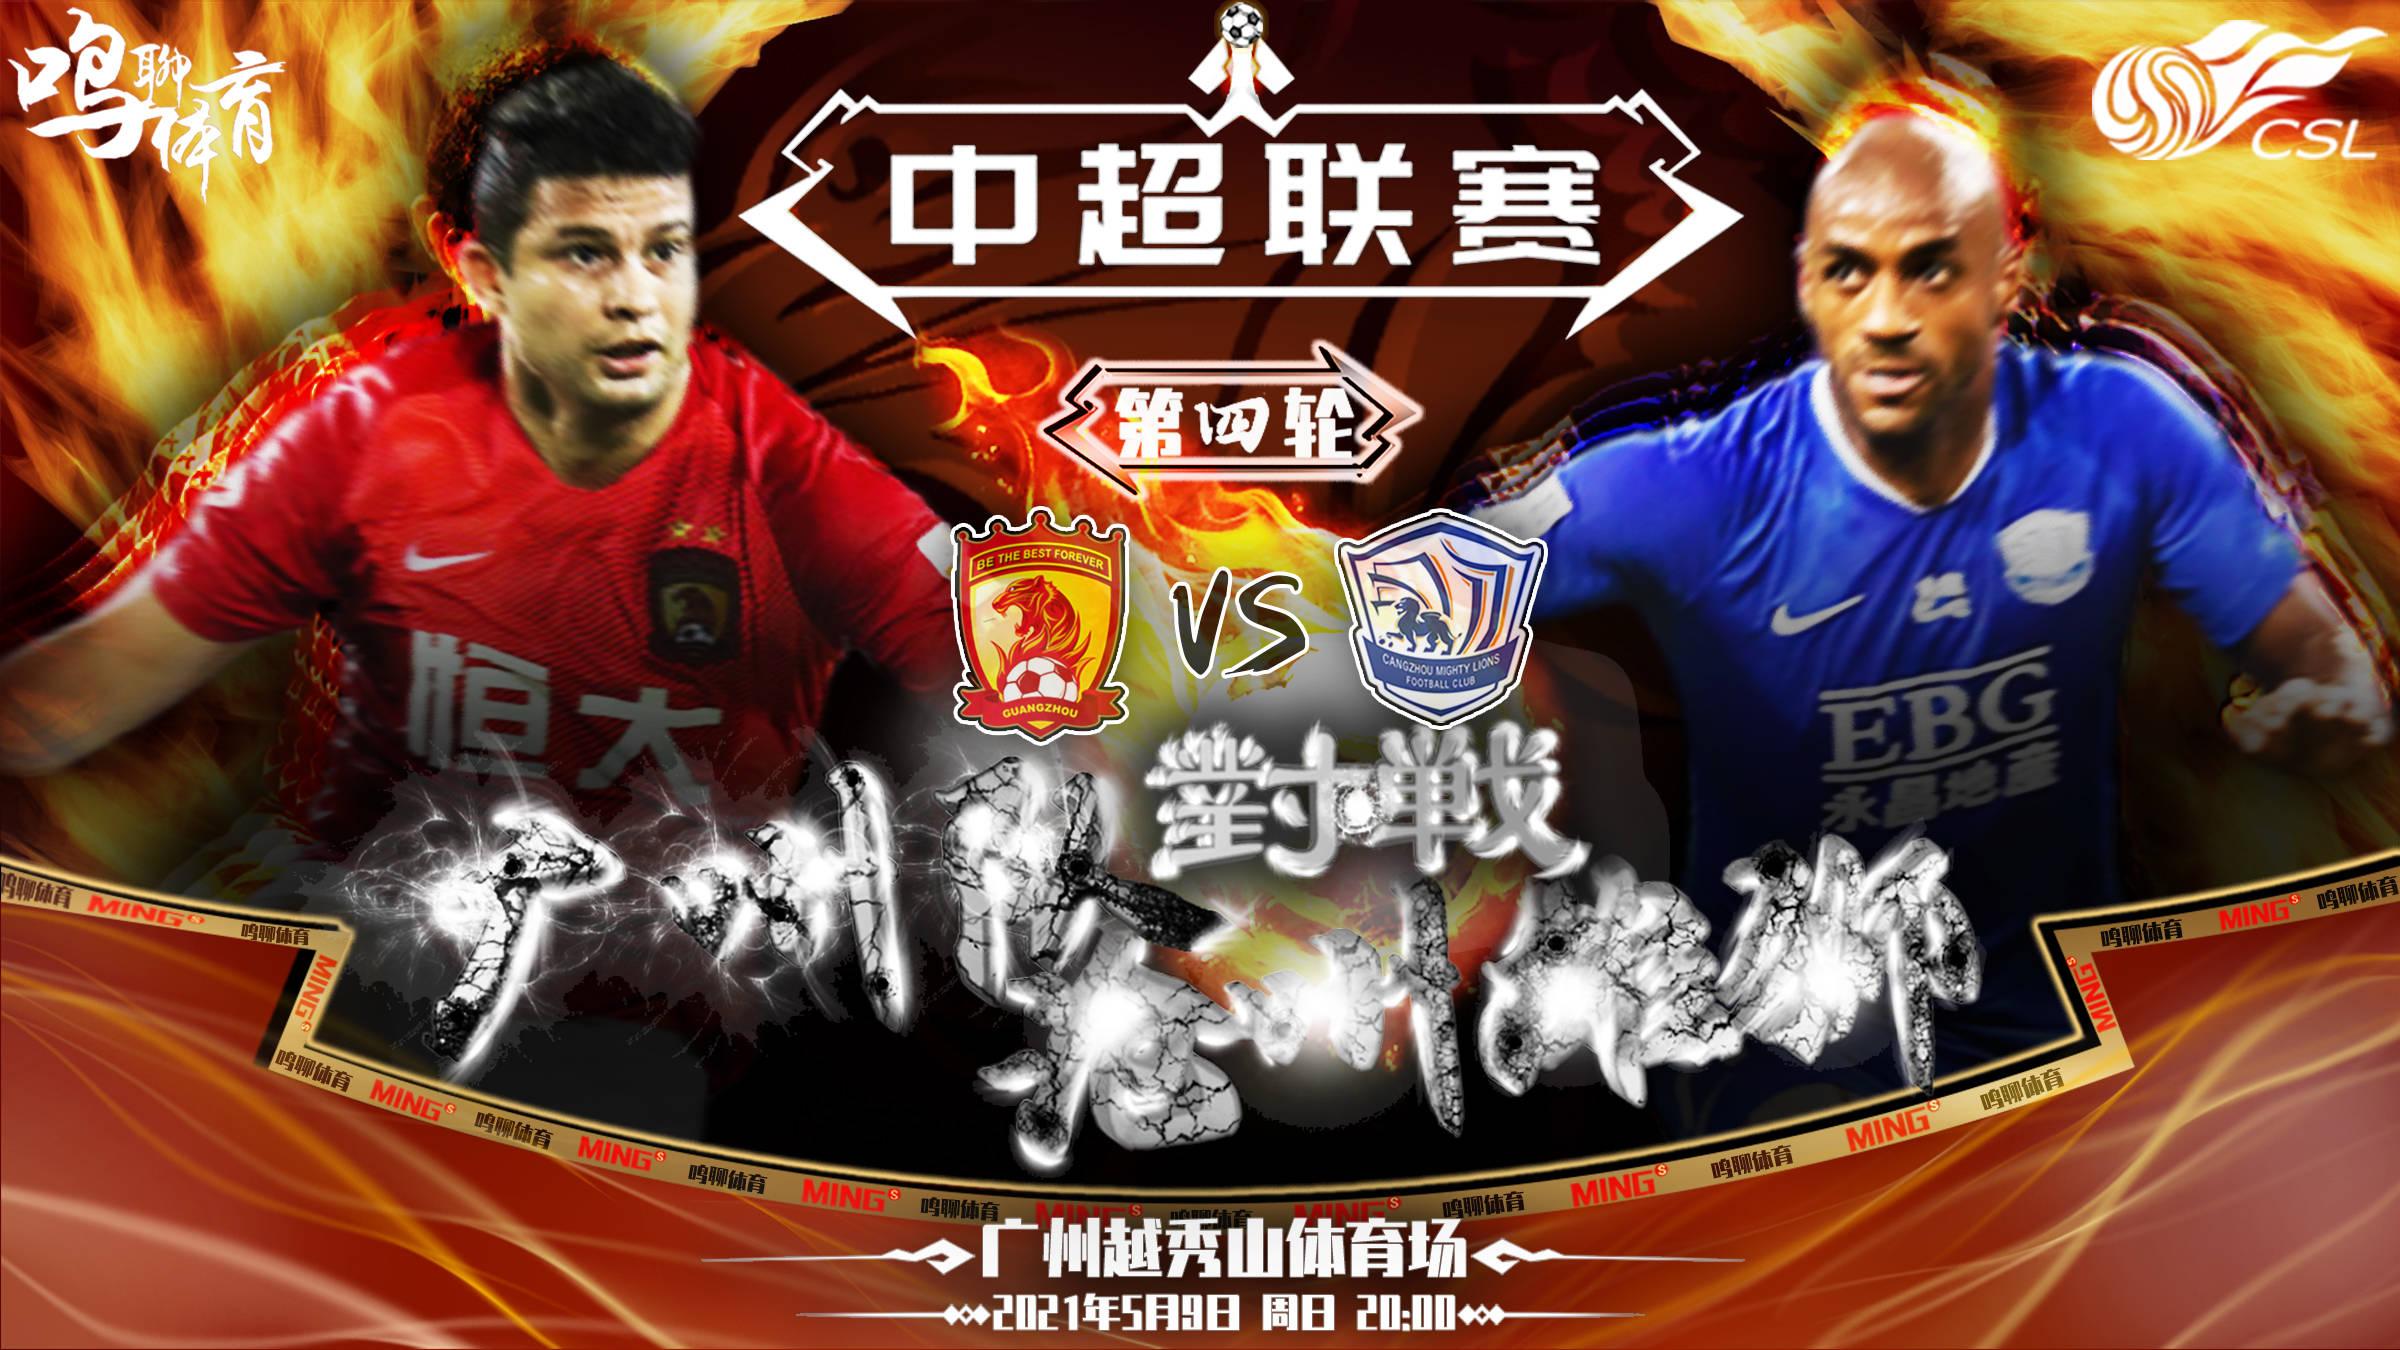 中超第4轮前瞻:广州队盼延续胜利步伐需坚持1点,沧州引援给力但仍需加强磨合